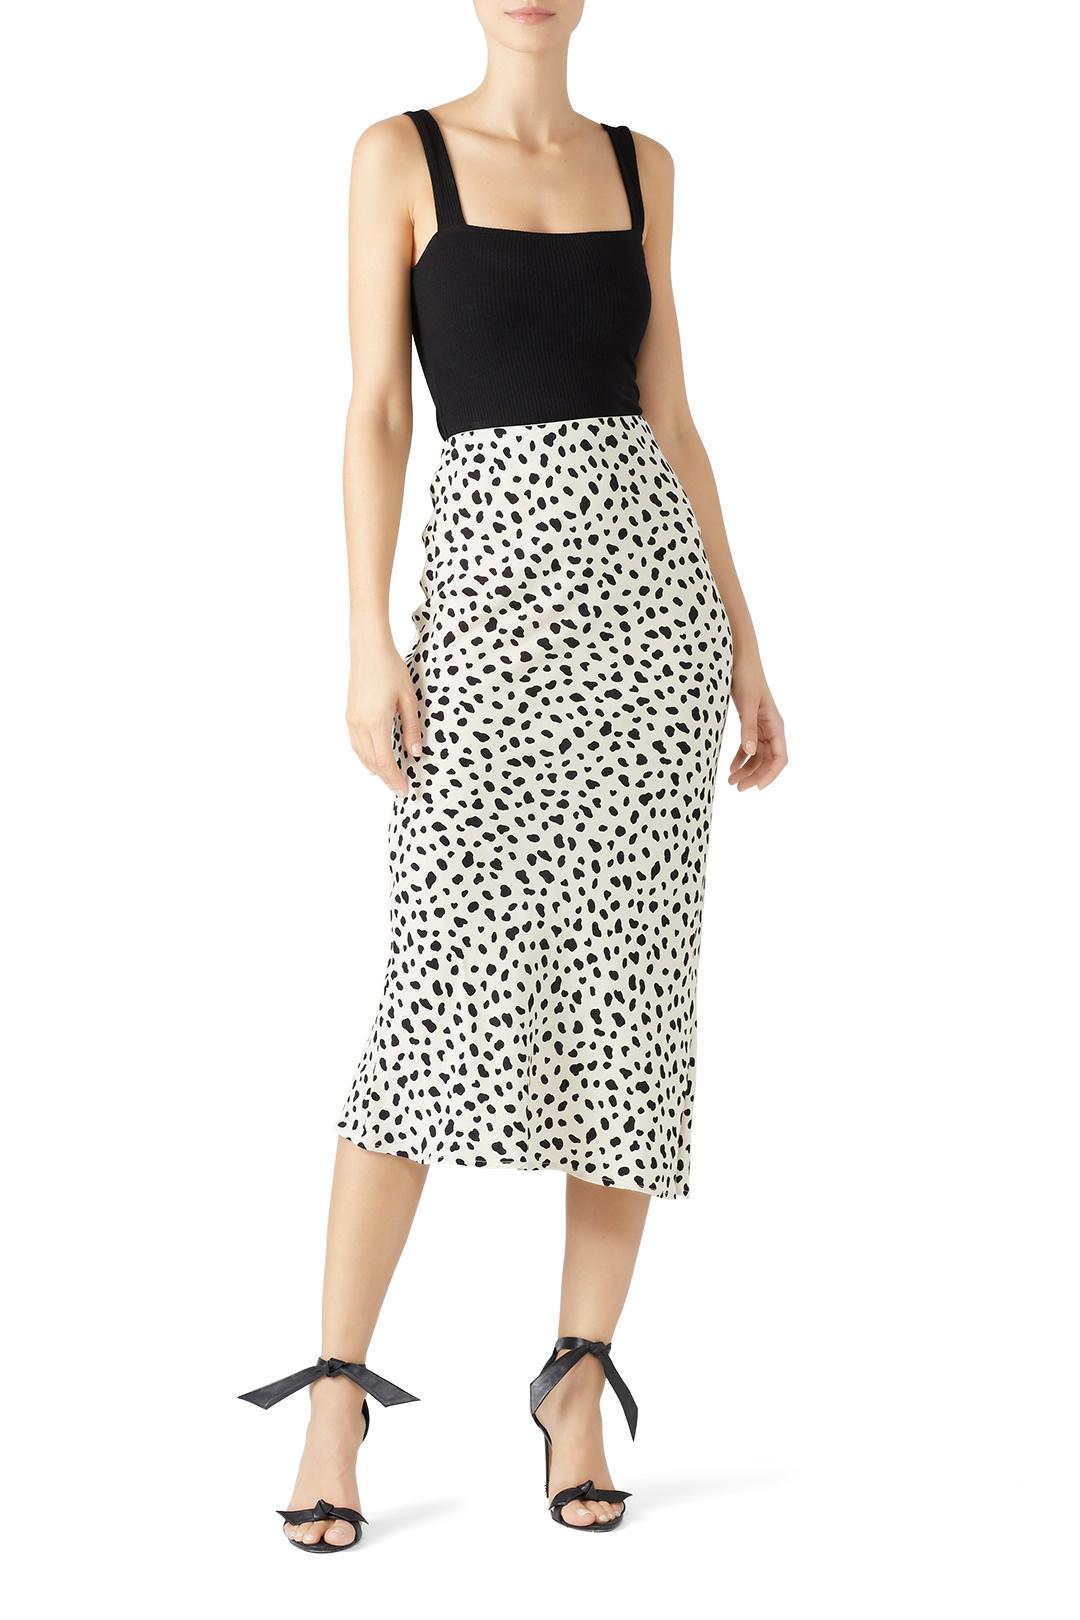 Moon River - Leopard Print Midi Skirt